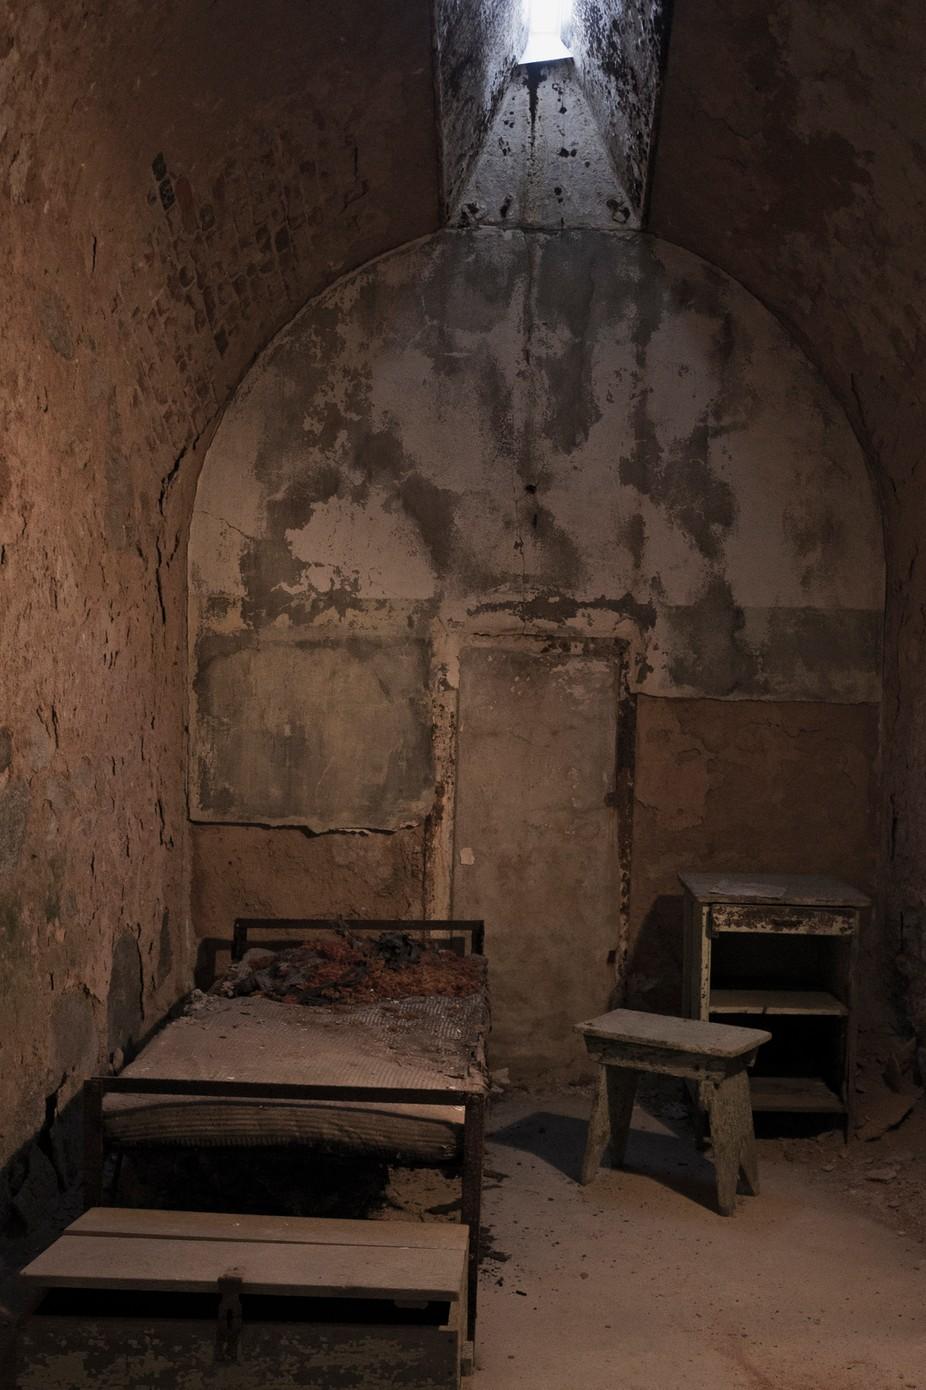 Old Pennsylvania Jail